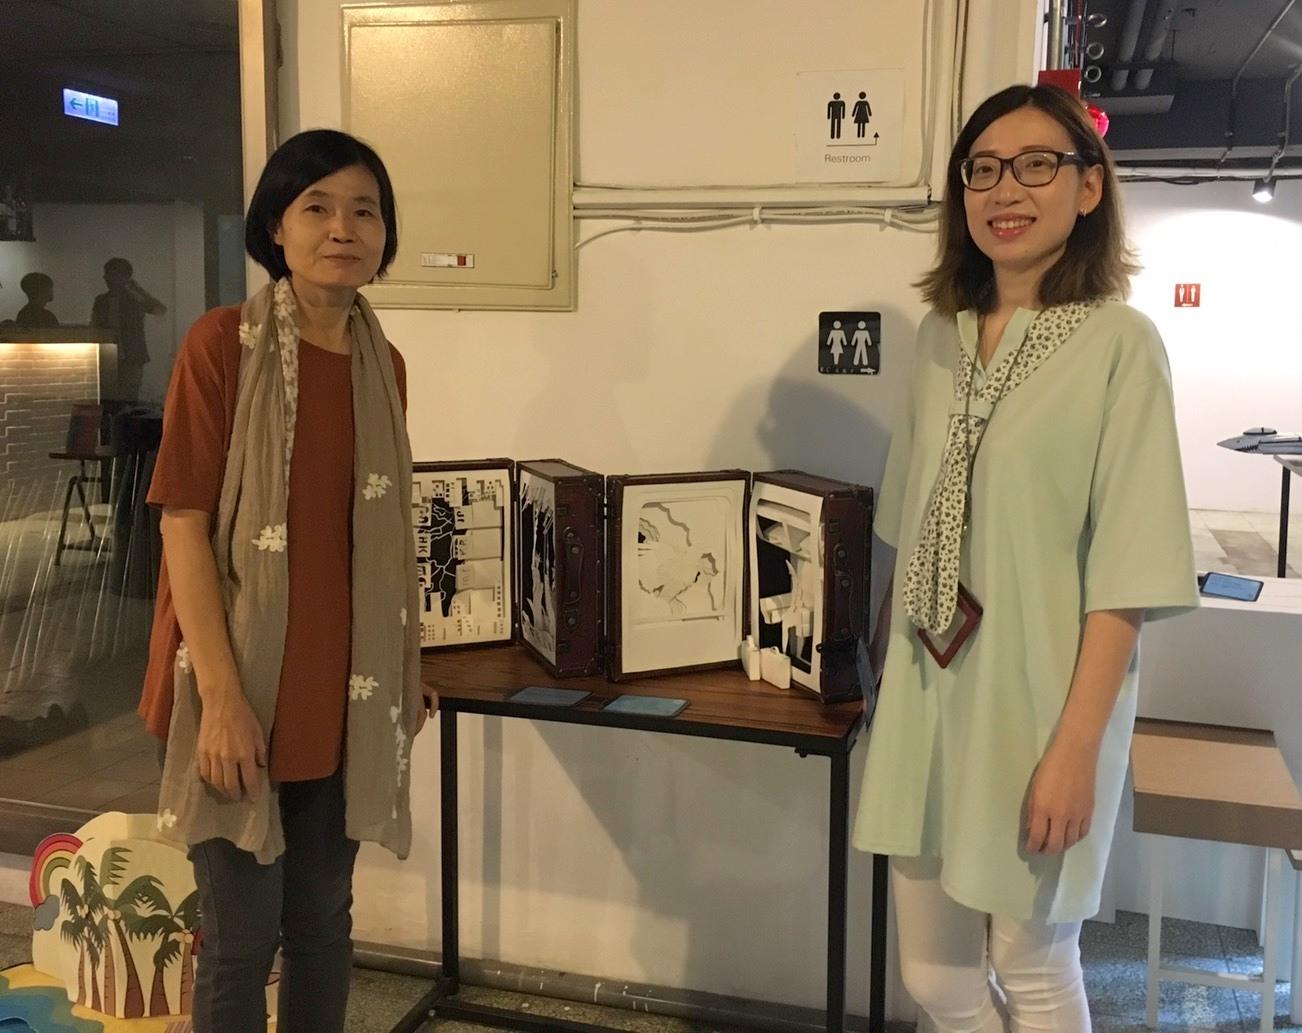 通稿照片06_中原商設系畢業的蔡寒筠校友(右)認為立體書結合紙雕的設計非常有商品化的潛力.jpg